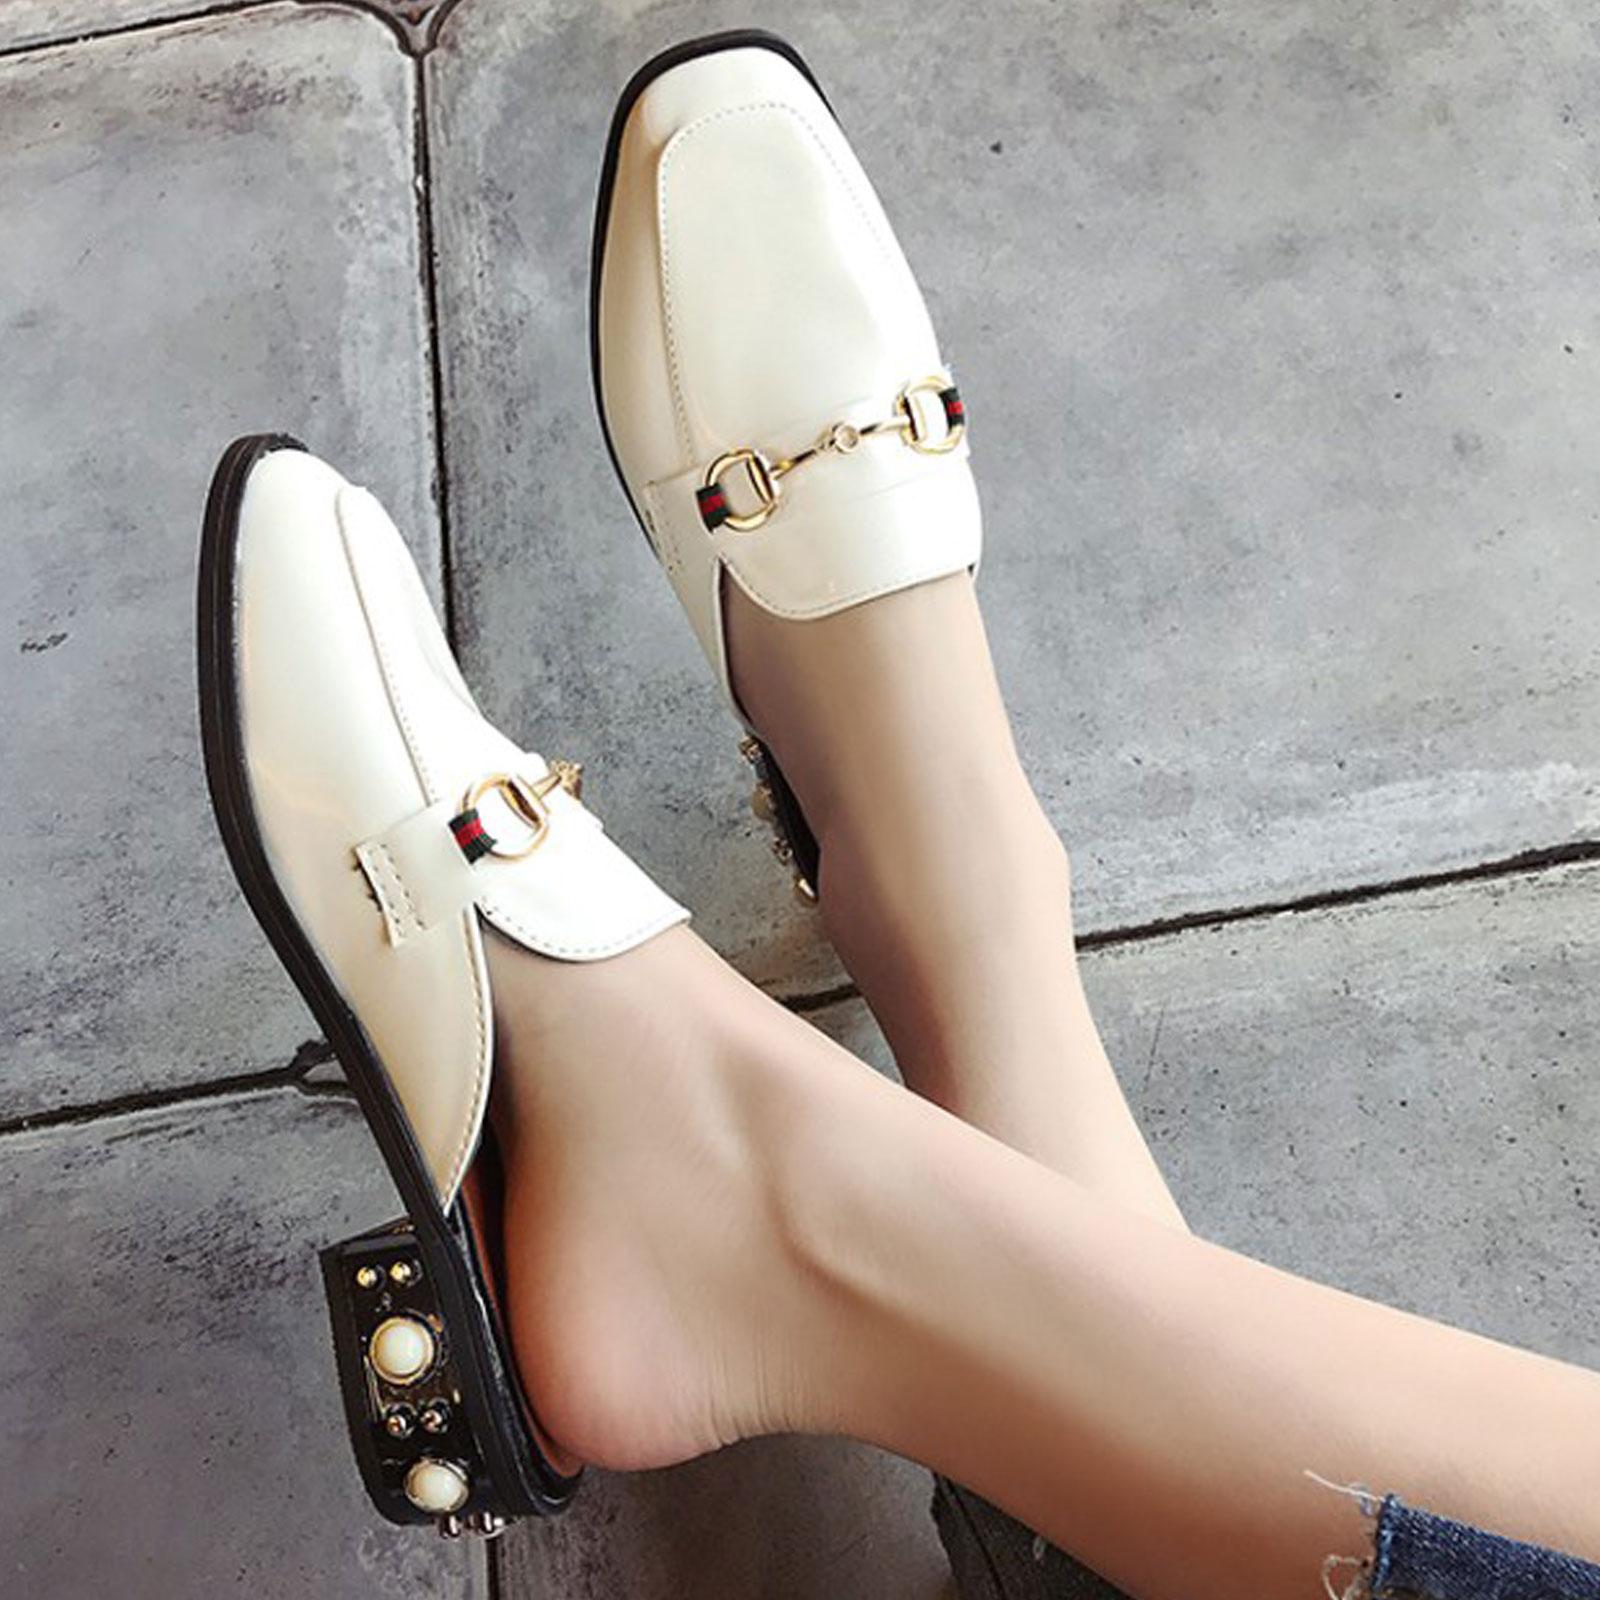 懶人鞋 淺口珍珠裝飾方頭粗跟半拖鞋【S1693】☆雙兒網☆ 0